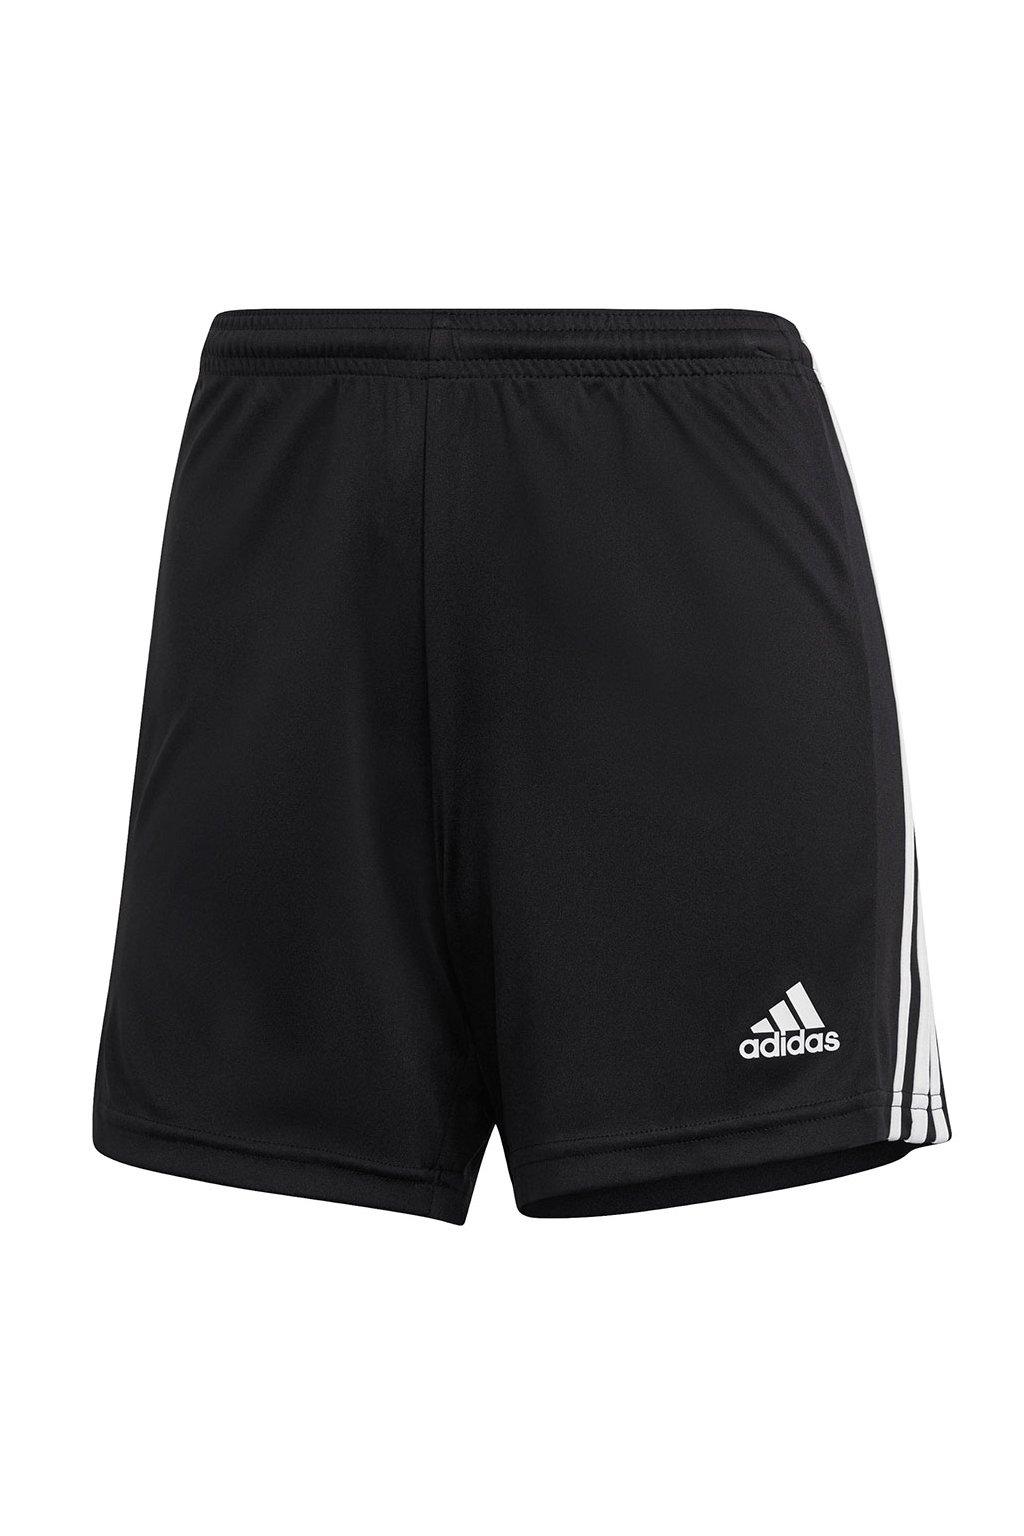 Dámske kraťasy Adidas Squadra 21 Short čierne GN5780